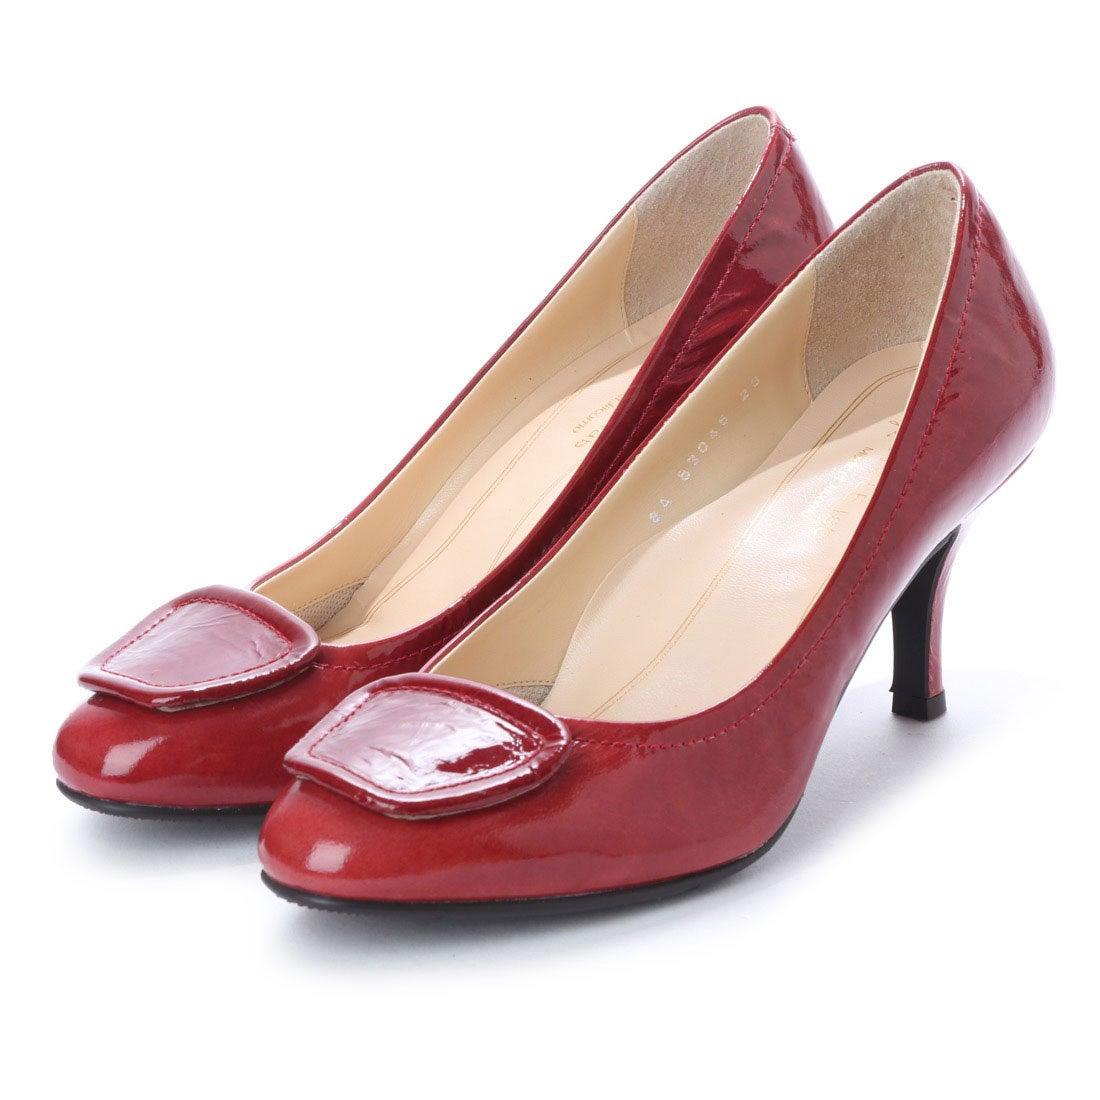 ロコンド 靴とファッションの通販サイトスタイルラボ STYLE lab 【高機能】クラシックモチーフラウンドトゥパンプス (レッドエナメル)